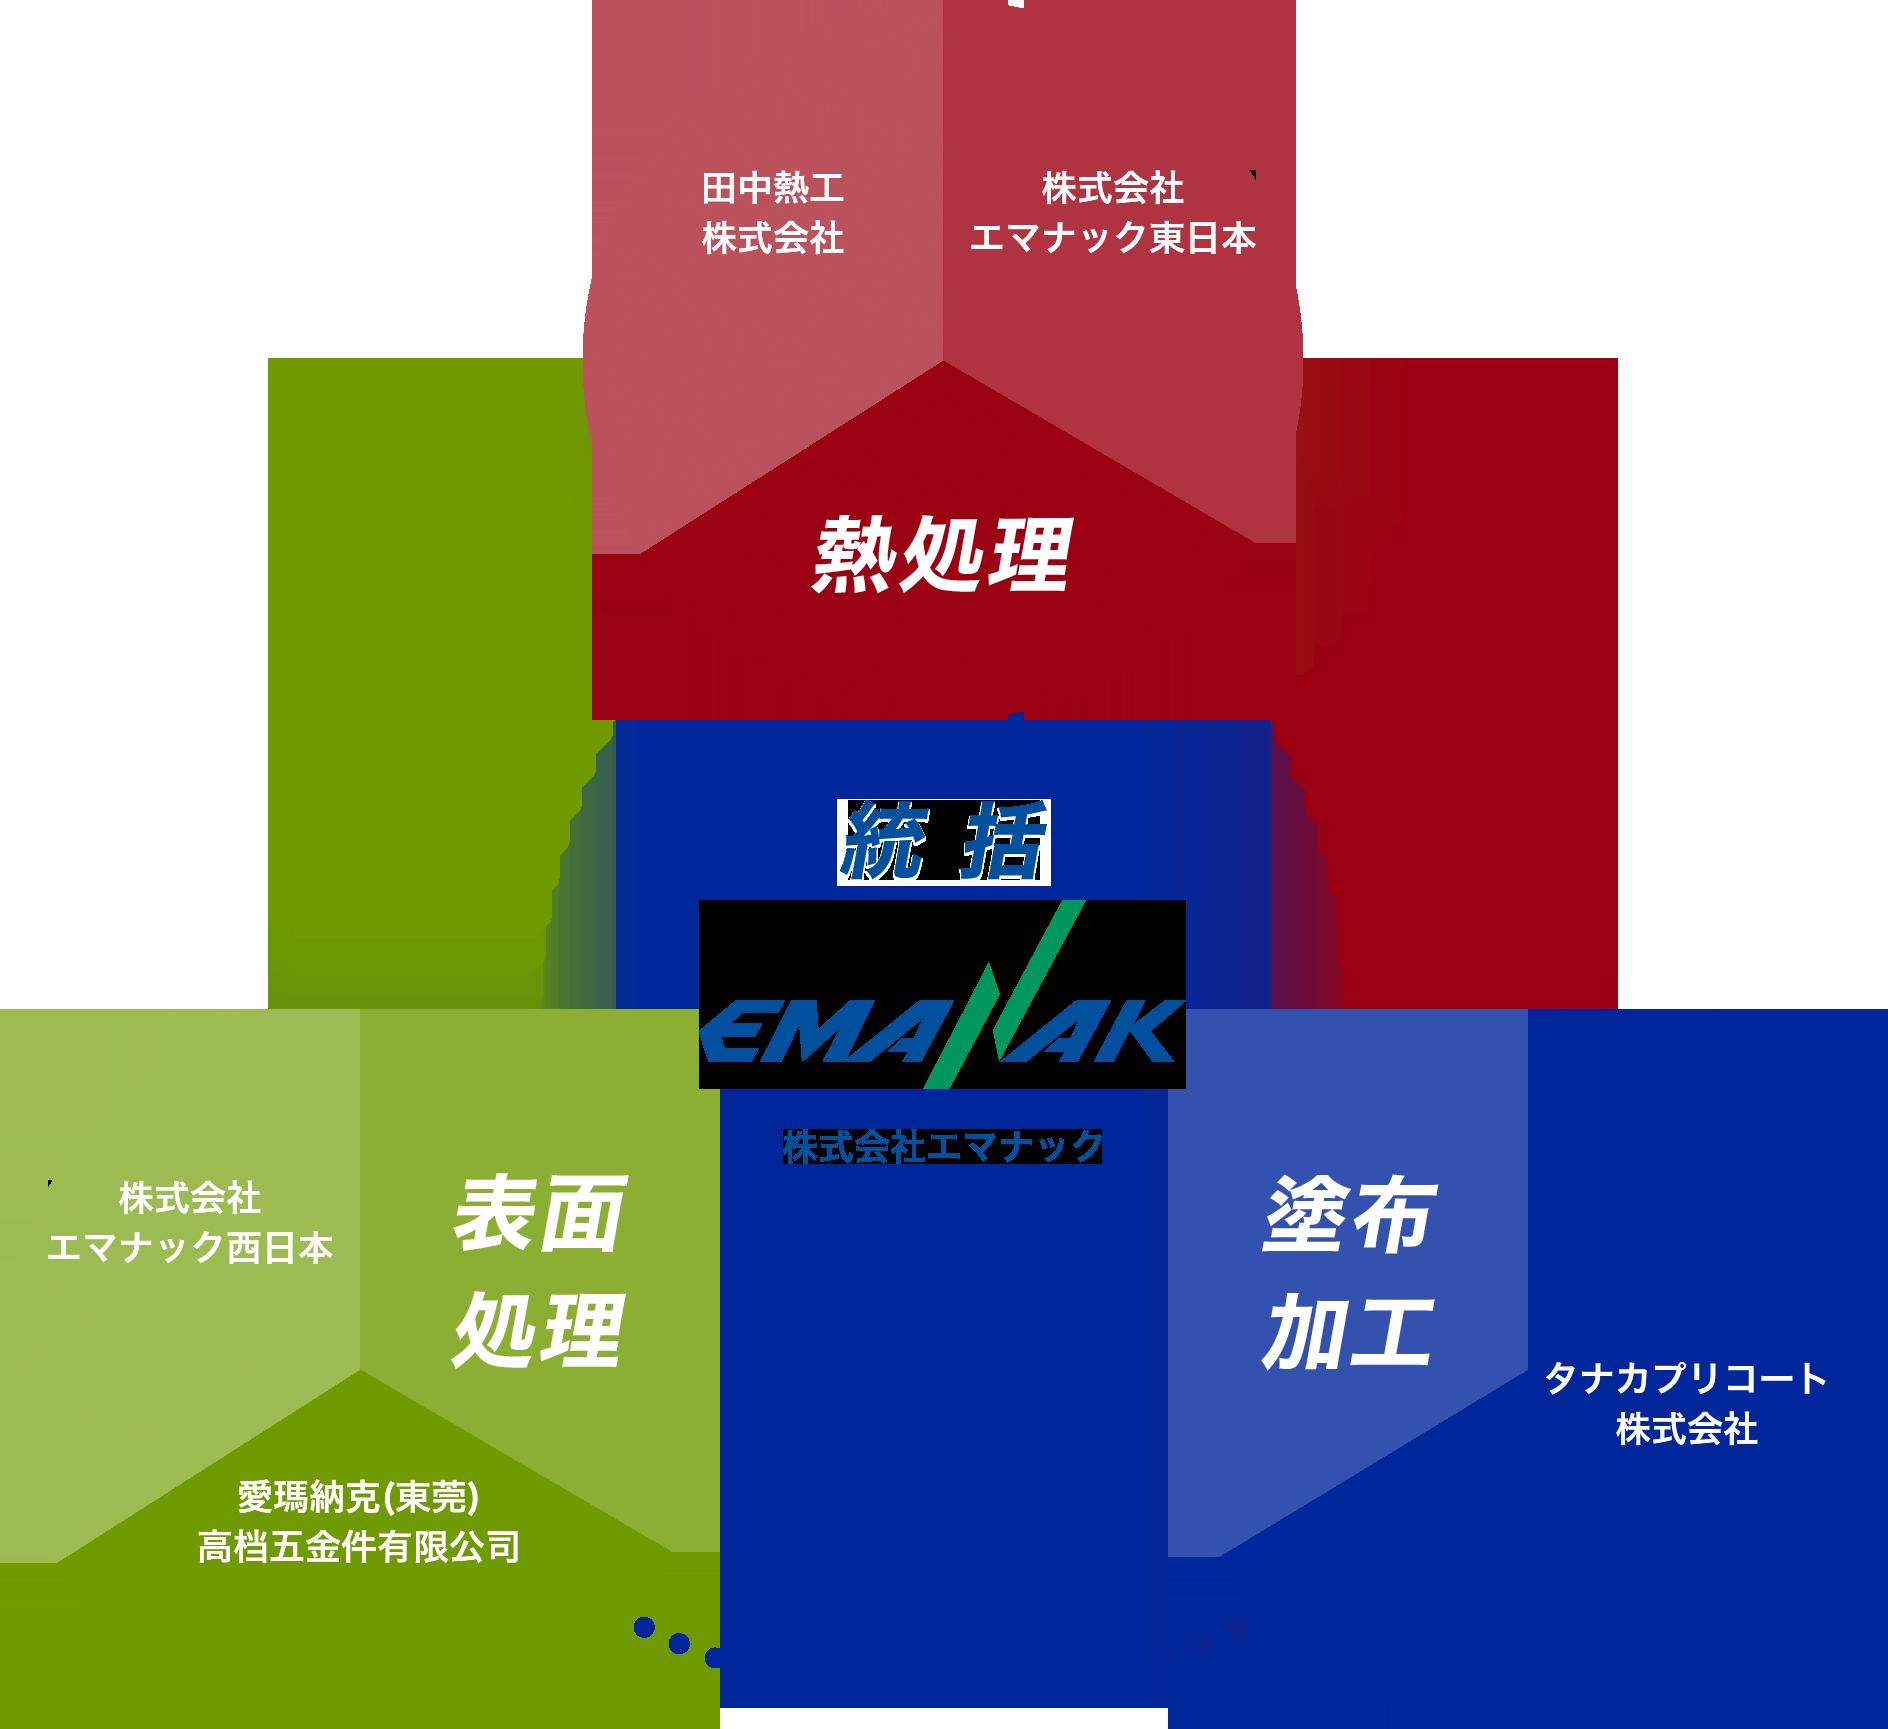 金属熱処理・表面処理・塗布加工のエマナックグループの構成図